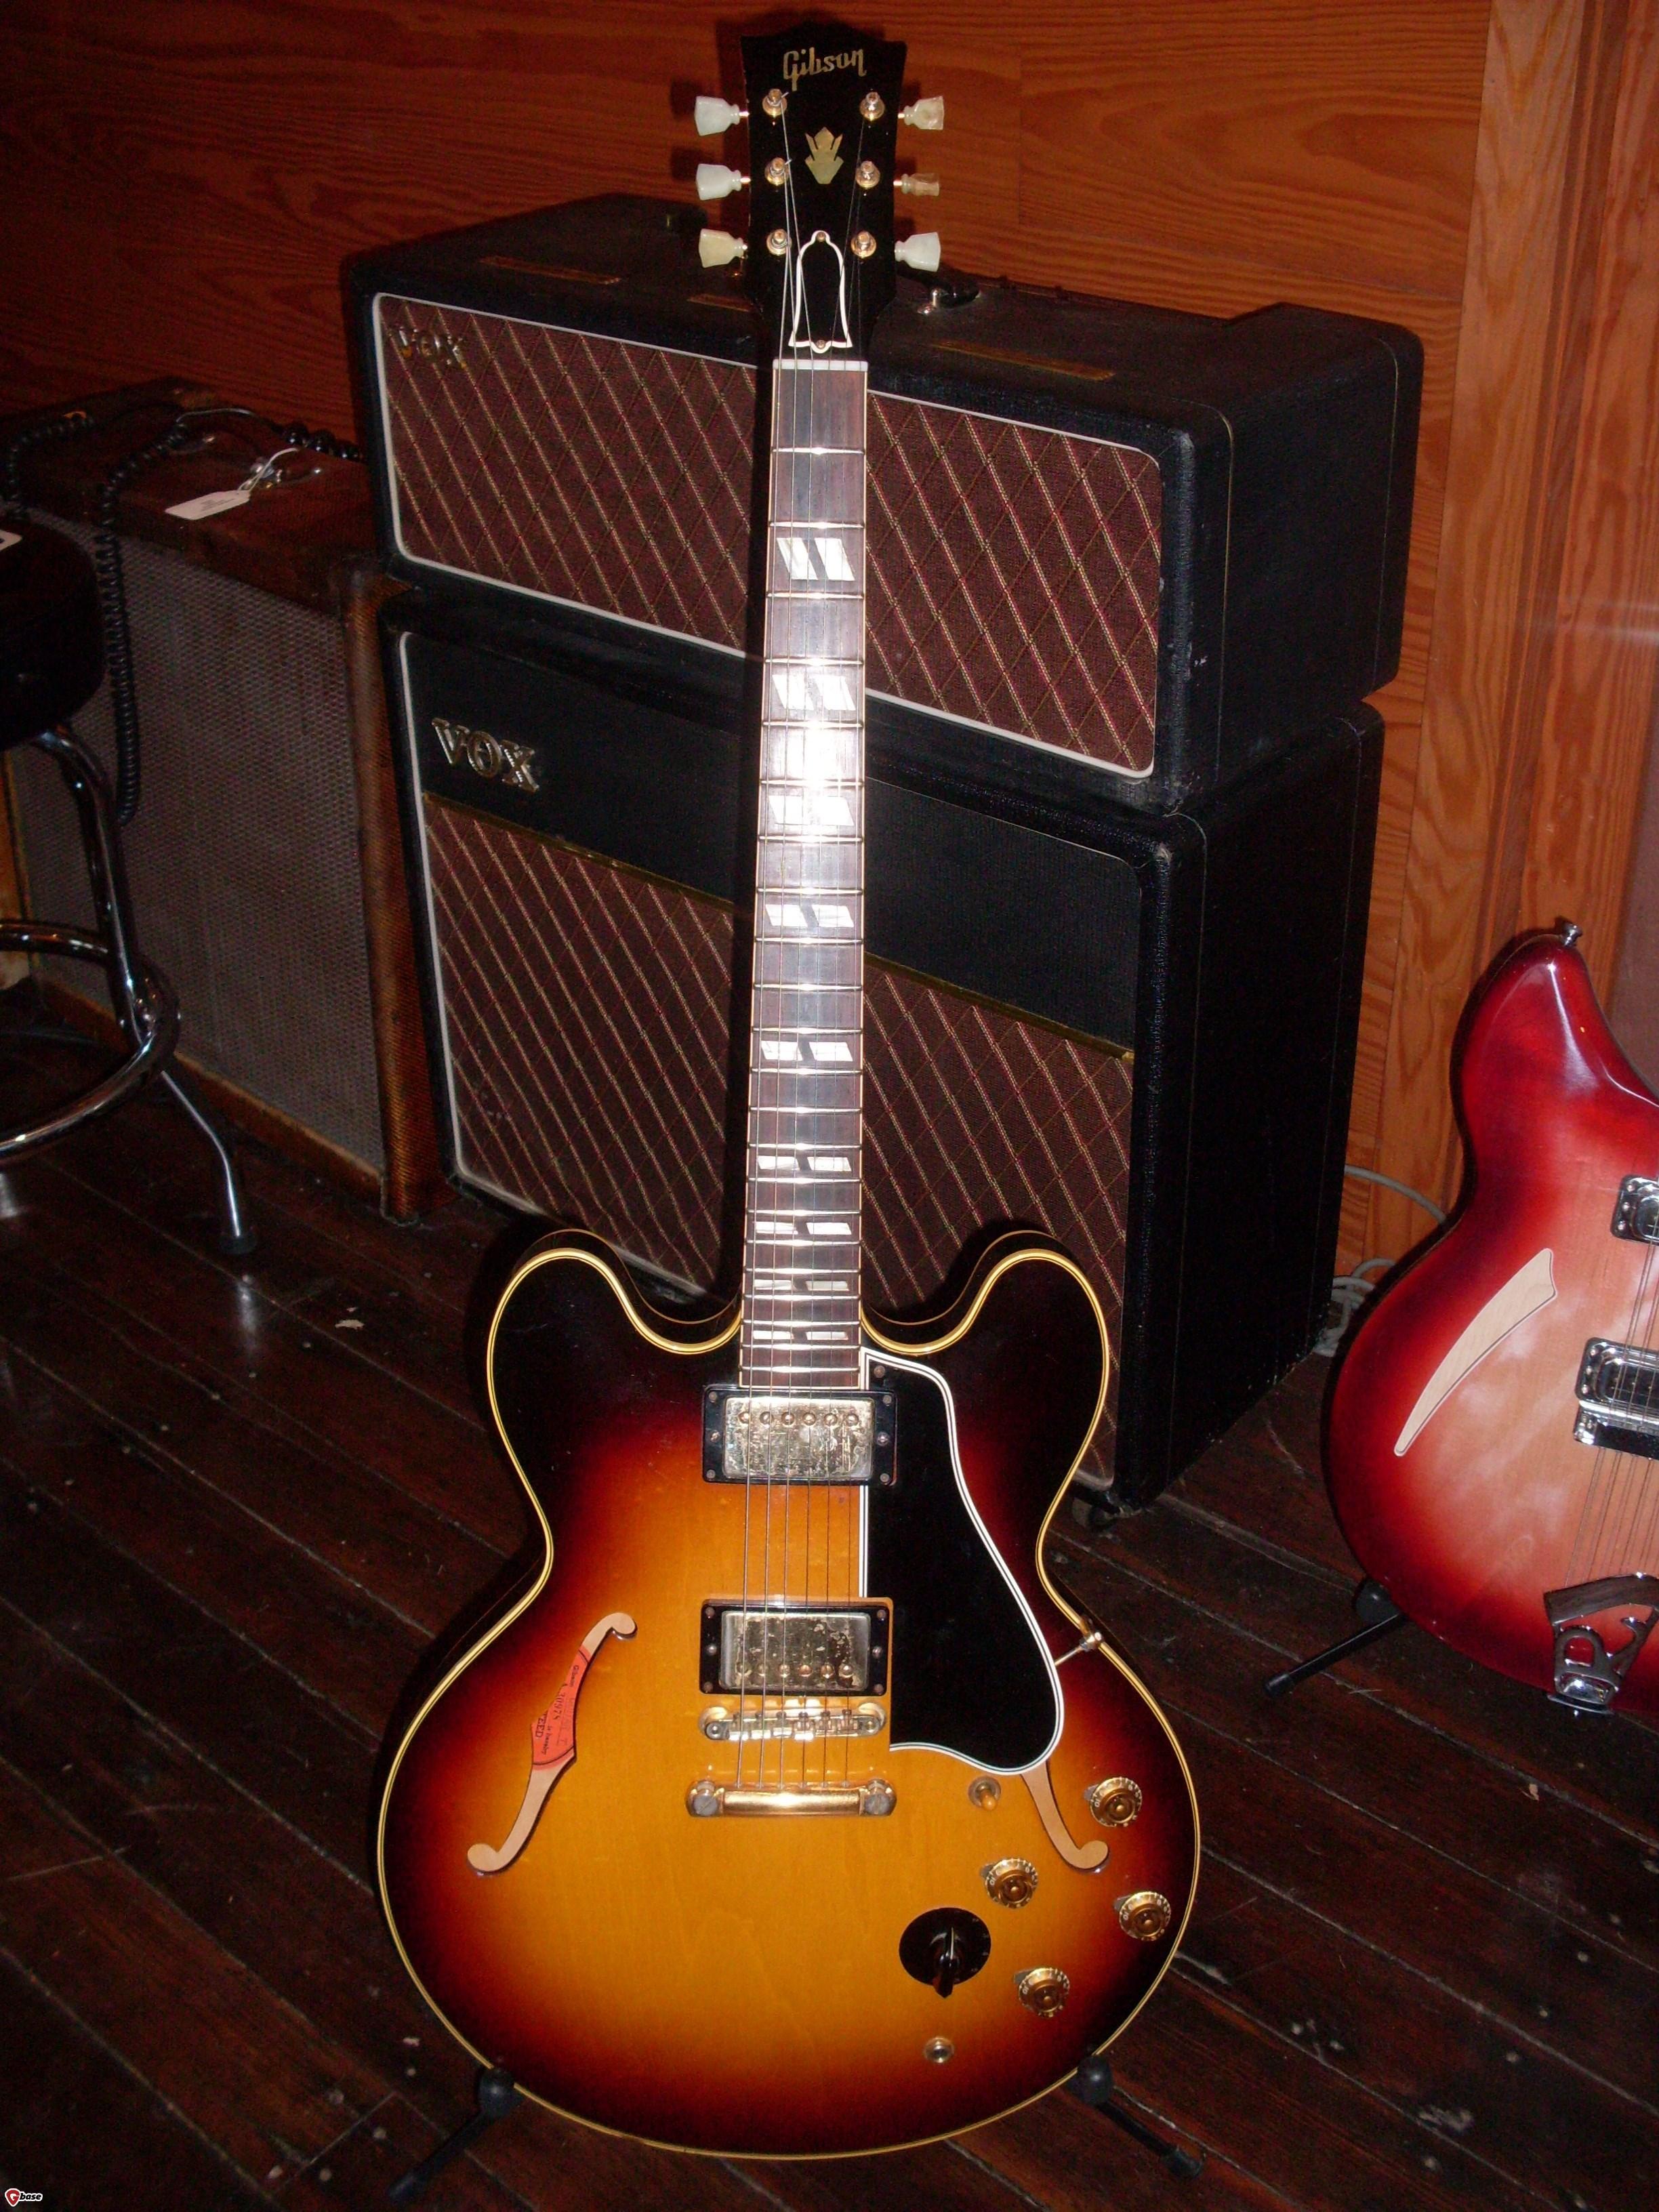 gibson es 345 1959 sunburst guitar for sale ok guitars. Black Bedroom Furniture Sets. Home Design Ideas